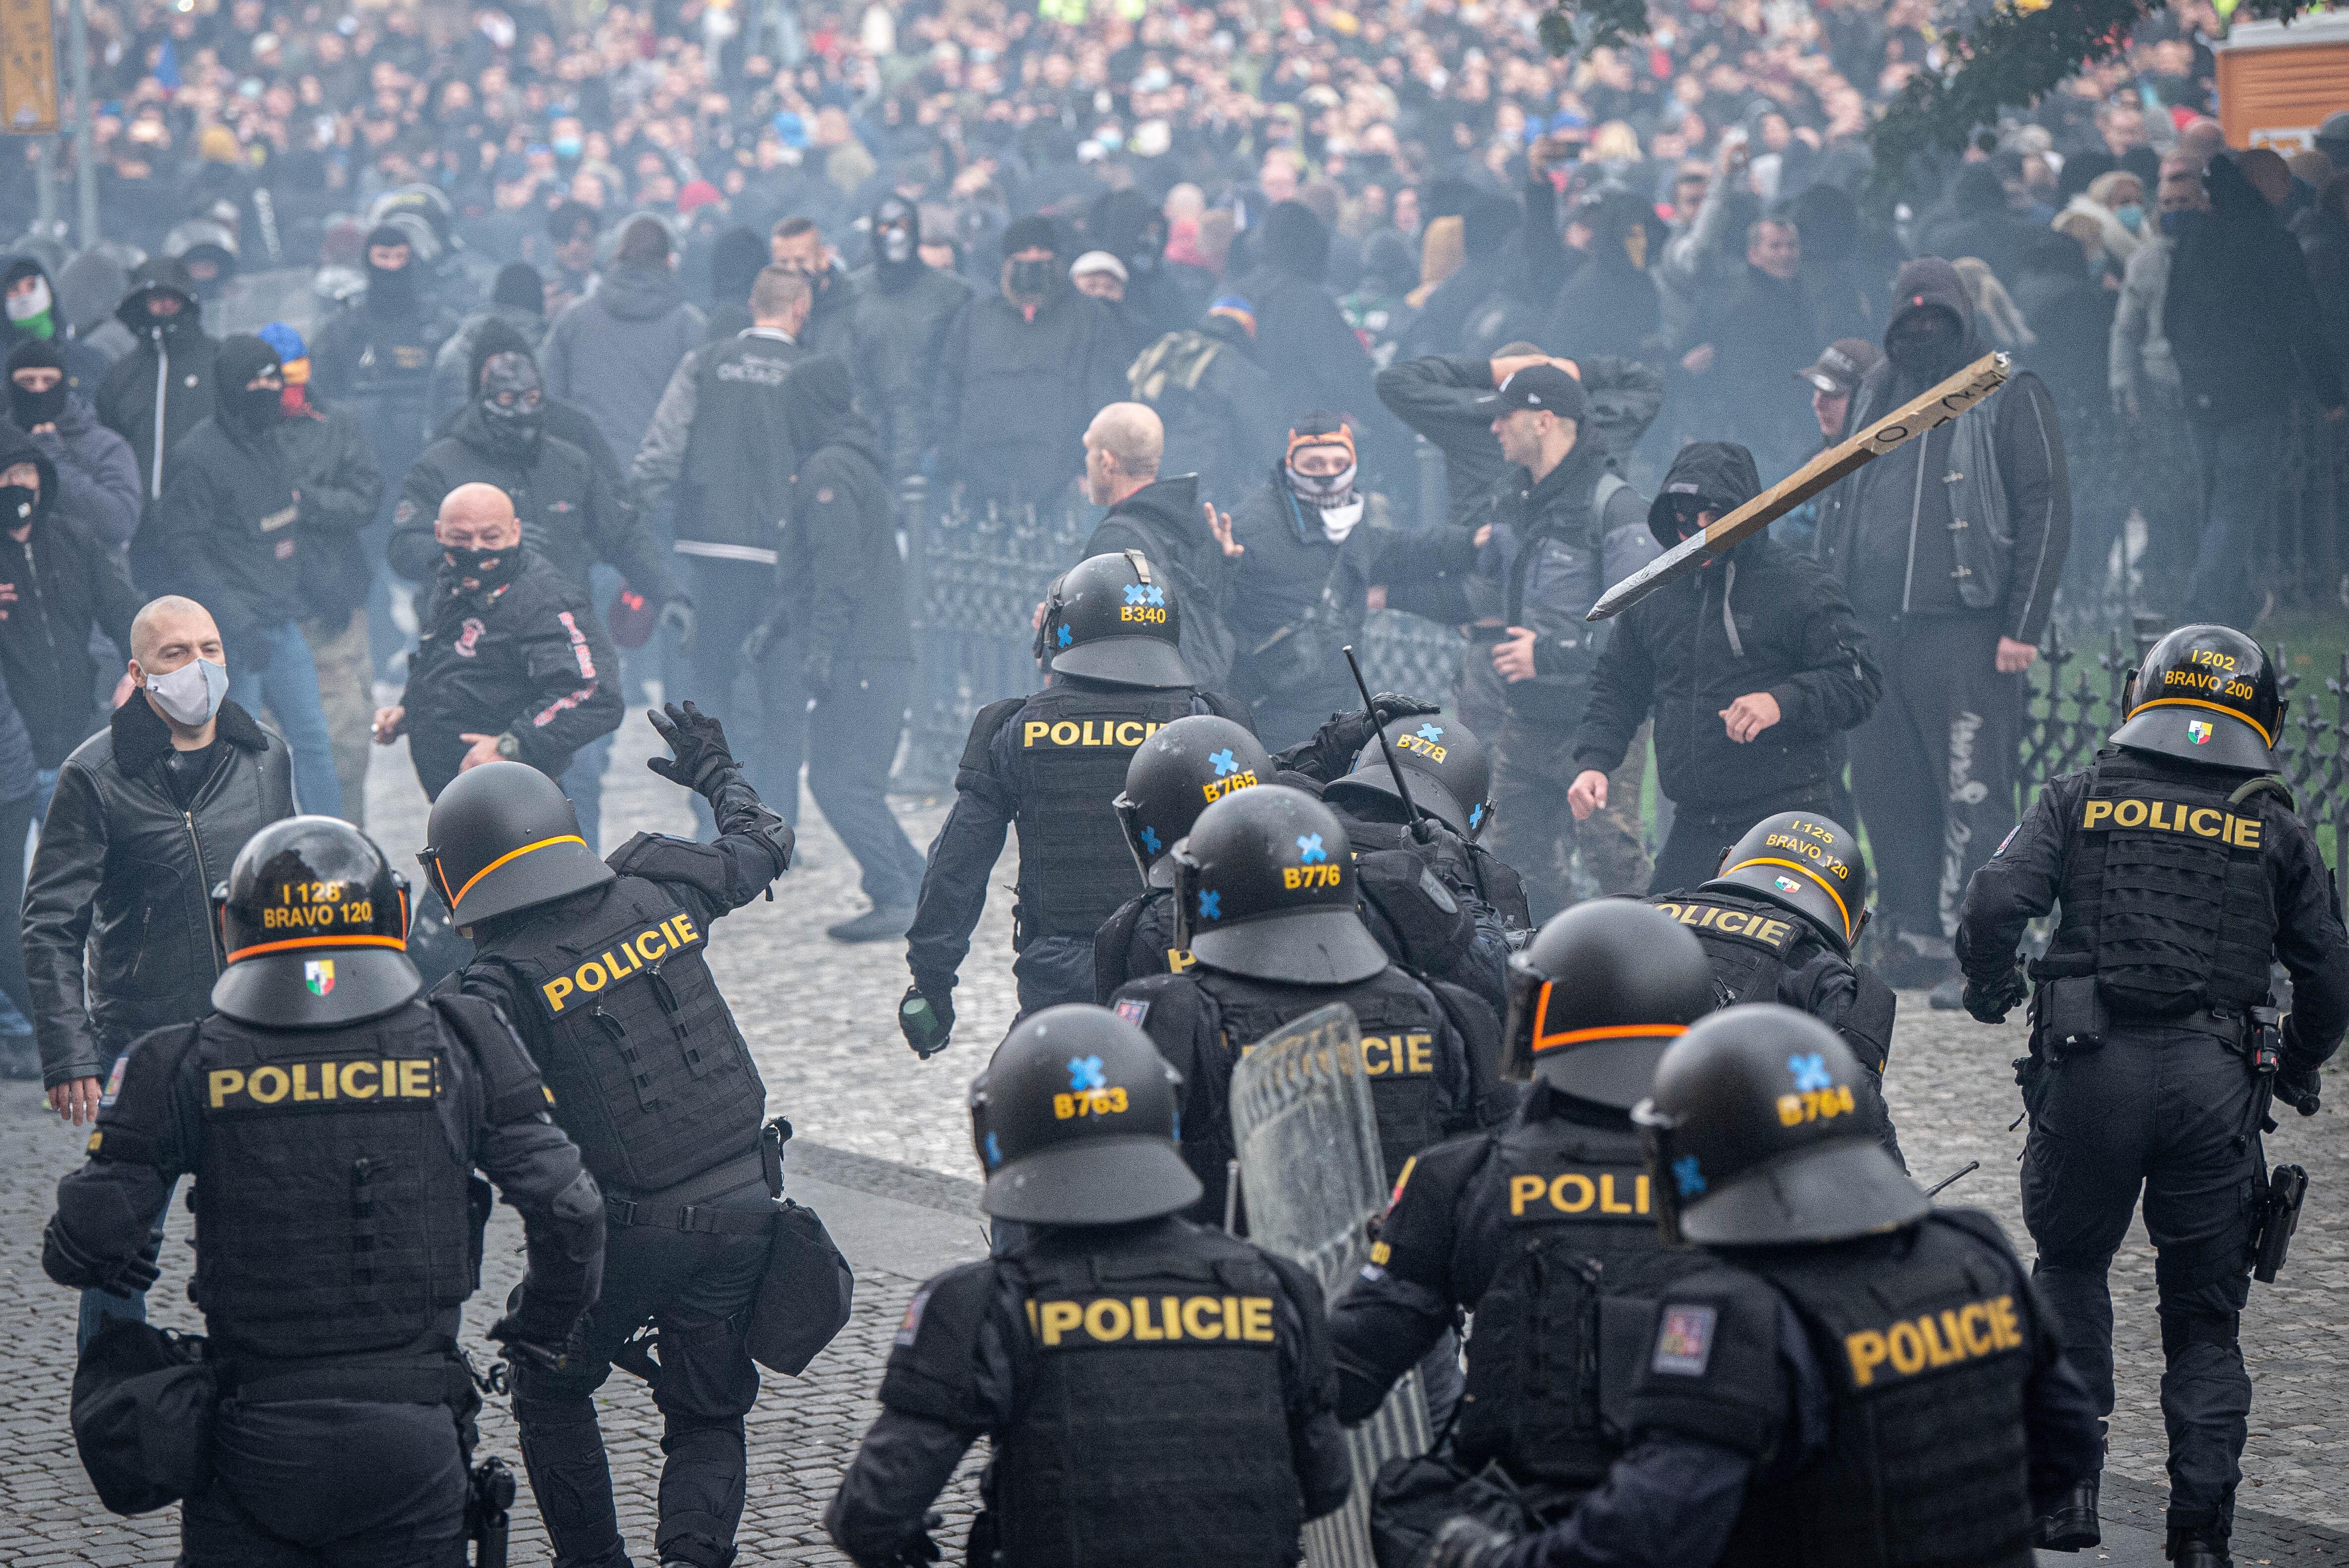 A koronavírus-óvintézkedések ellen tüntetők csaptak össze a rendőrökkel Prágában